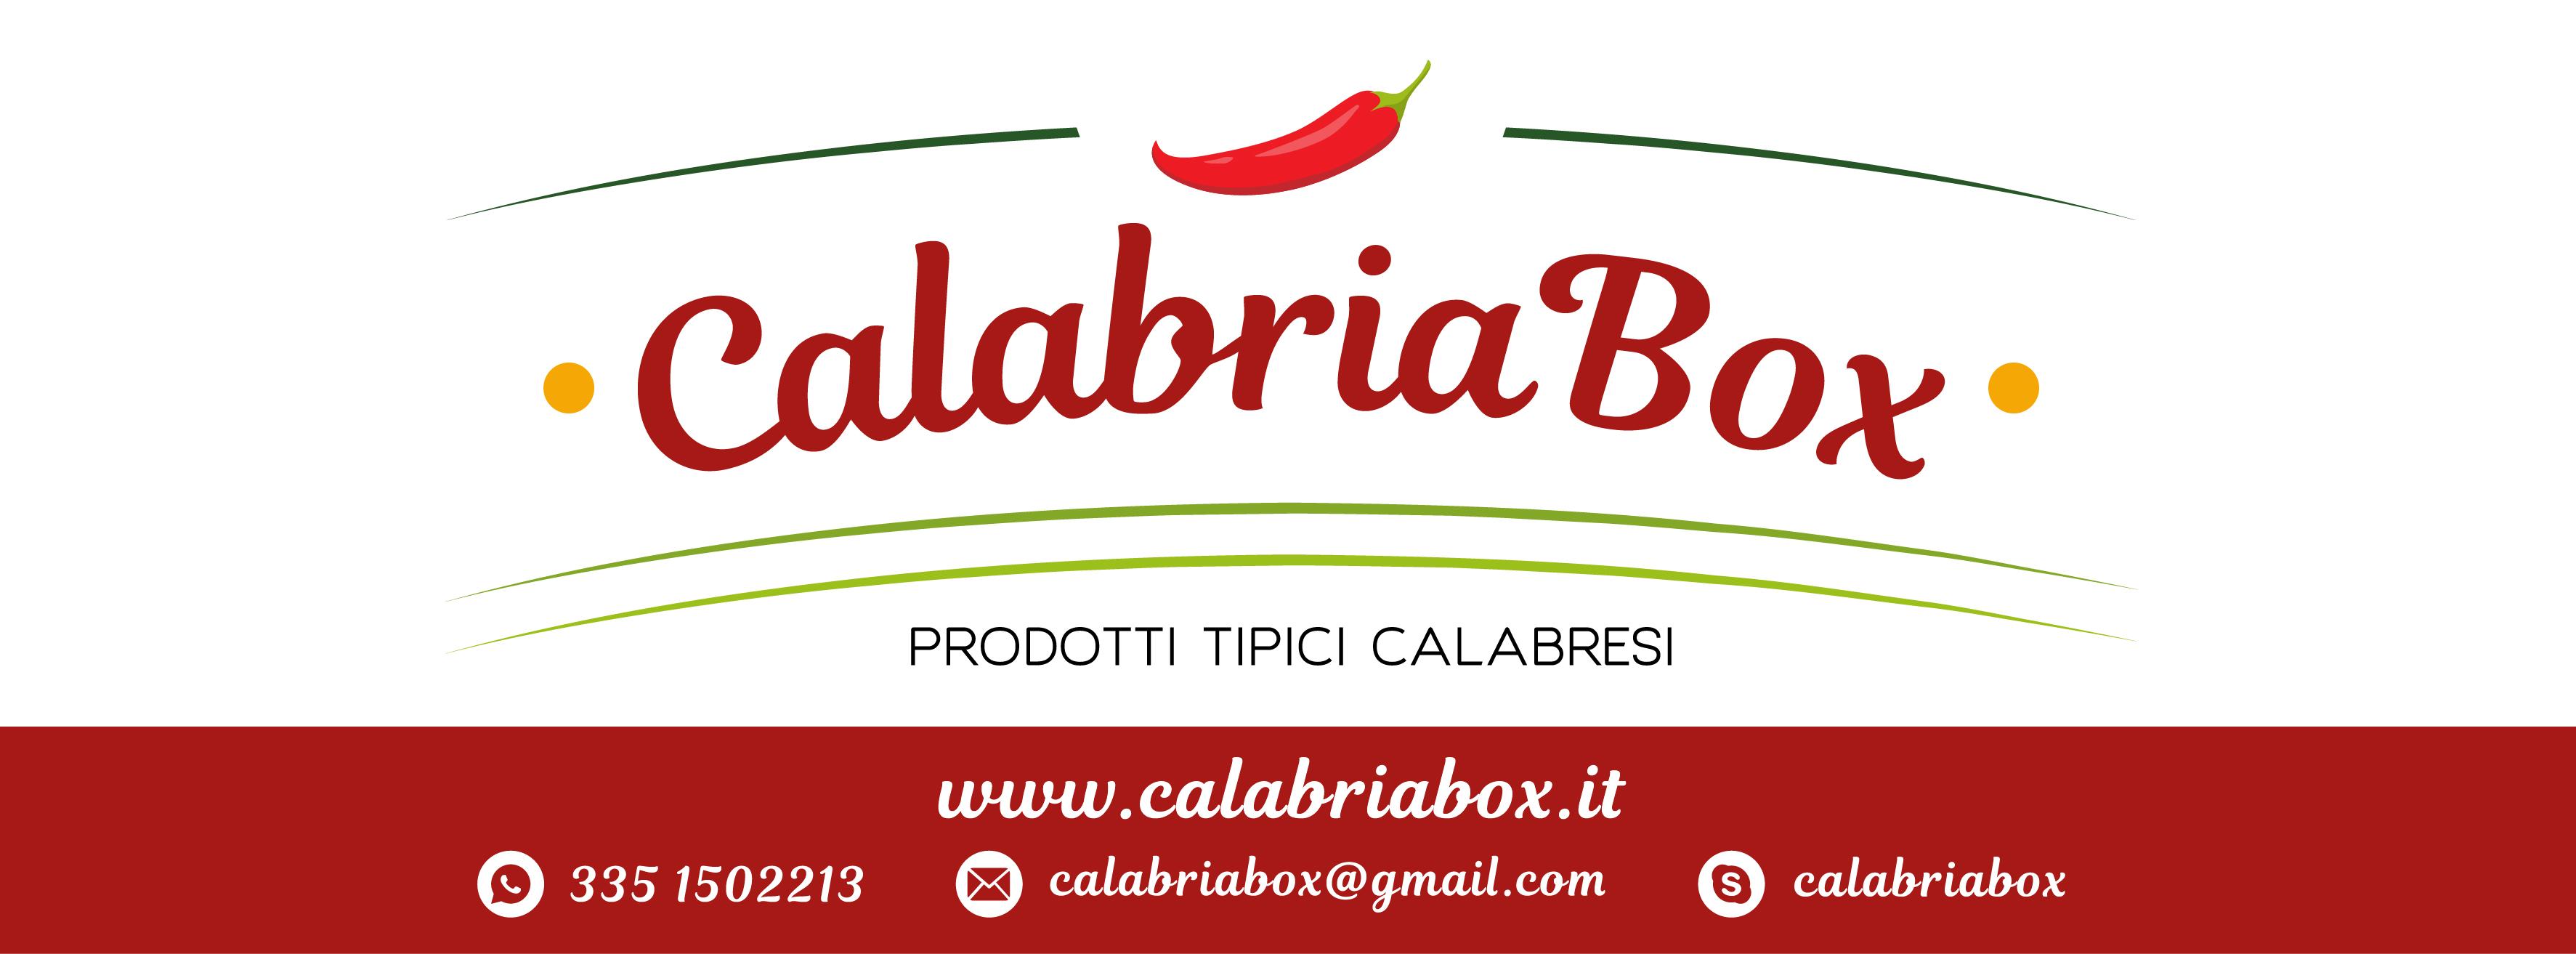 Prodotti Tipici Calabresi – CalabriaBox